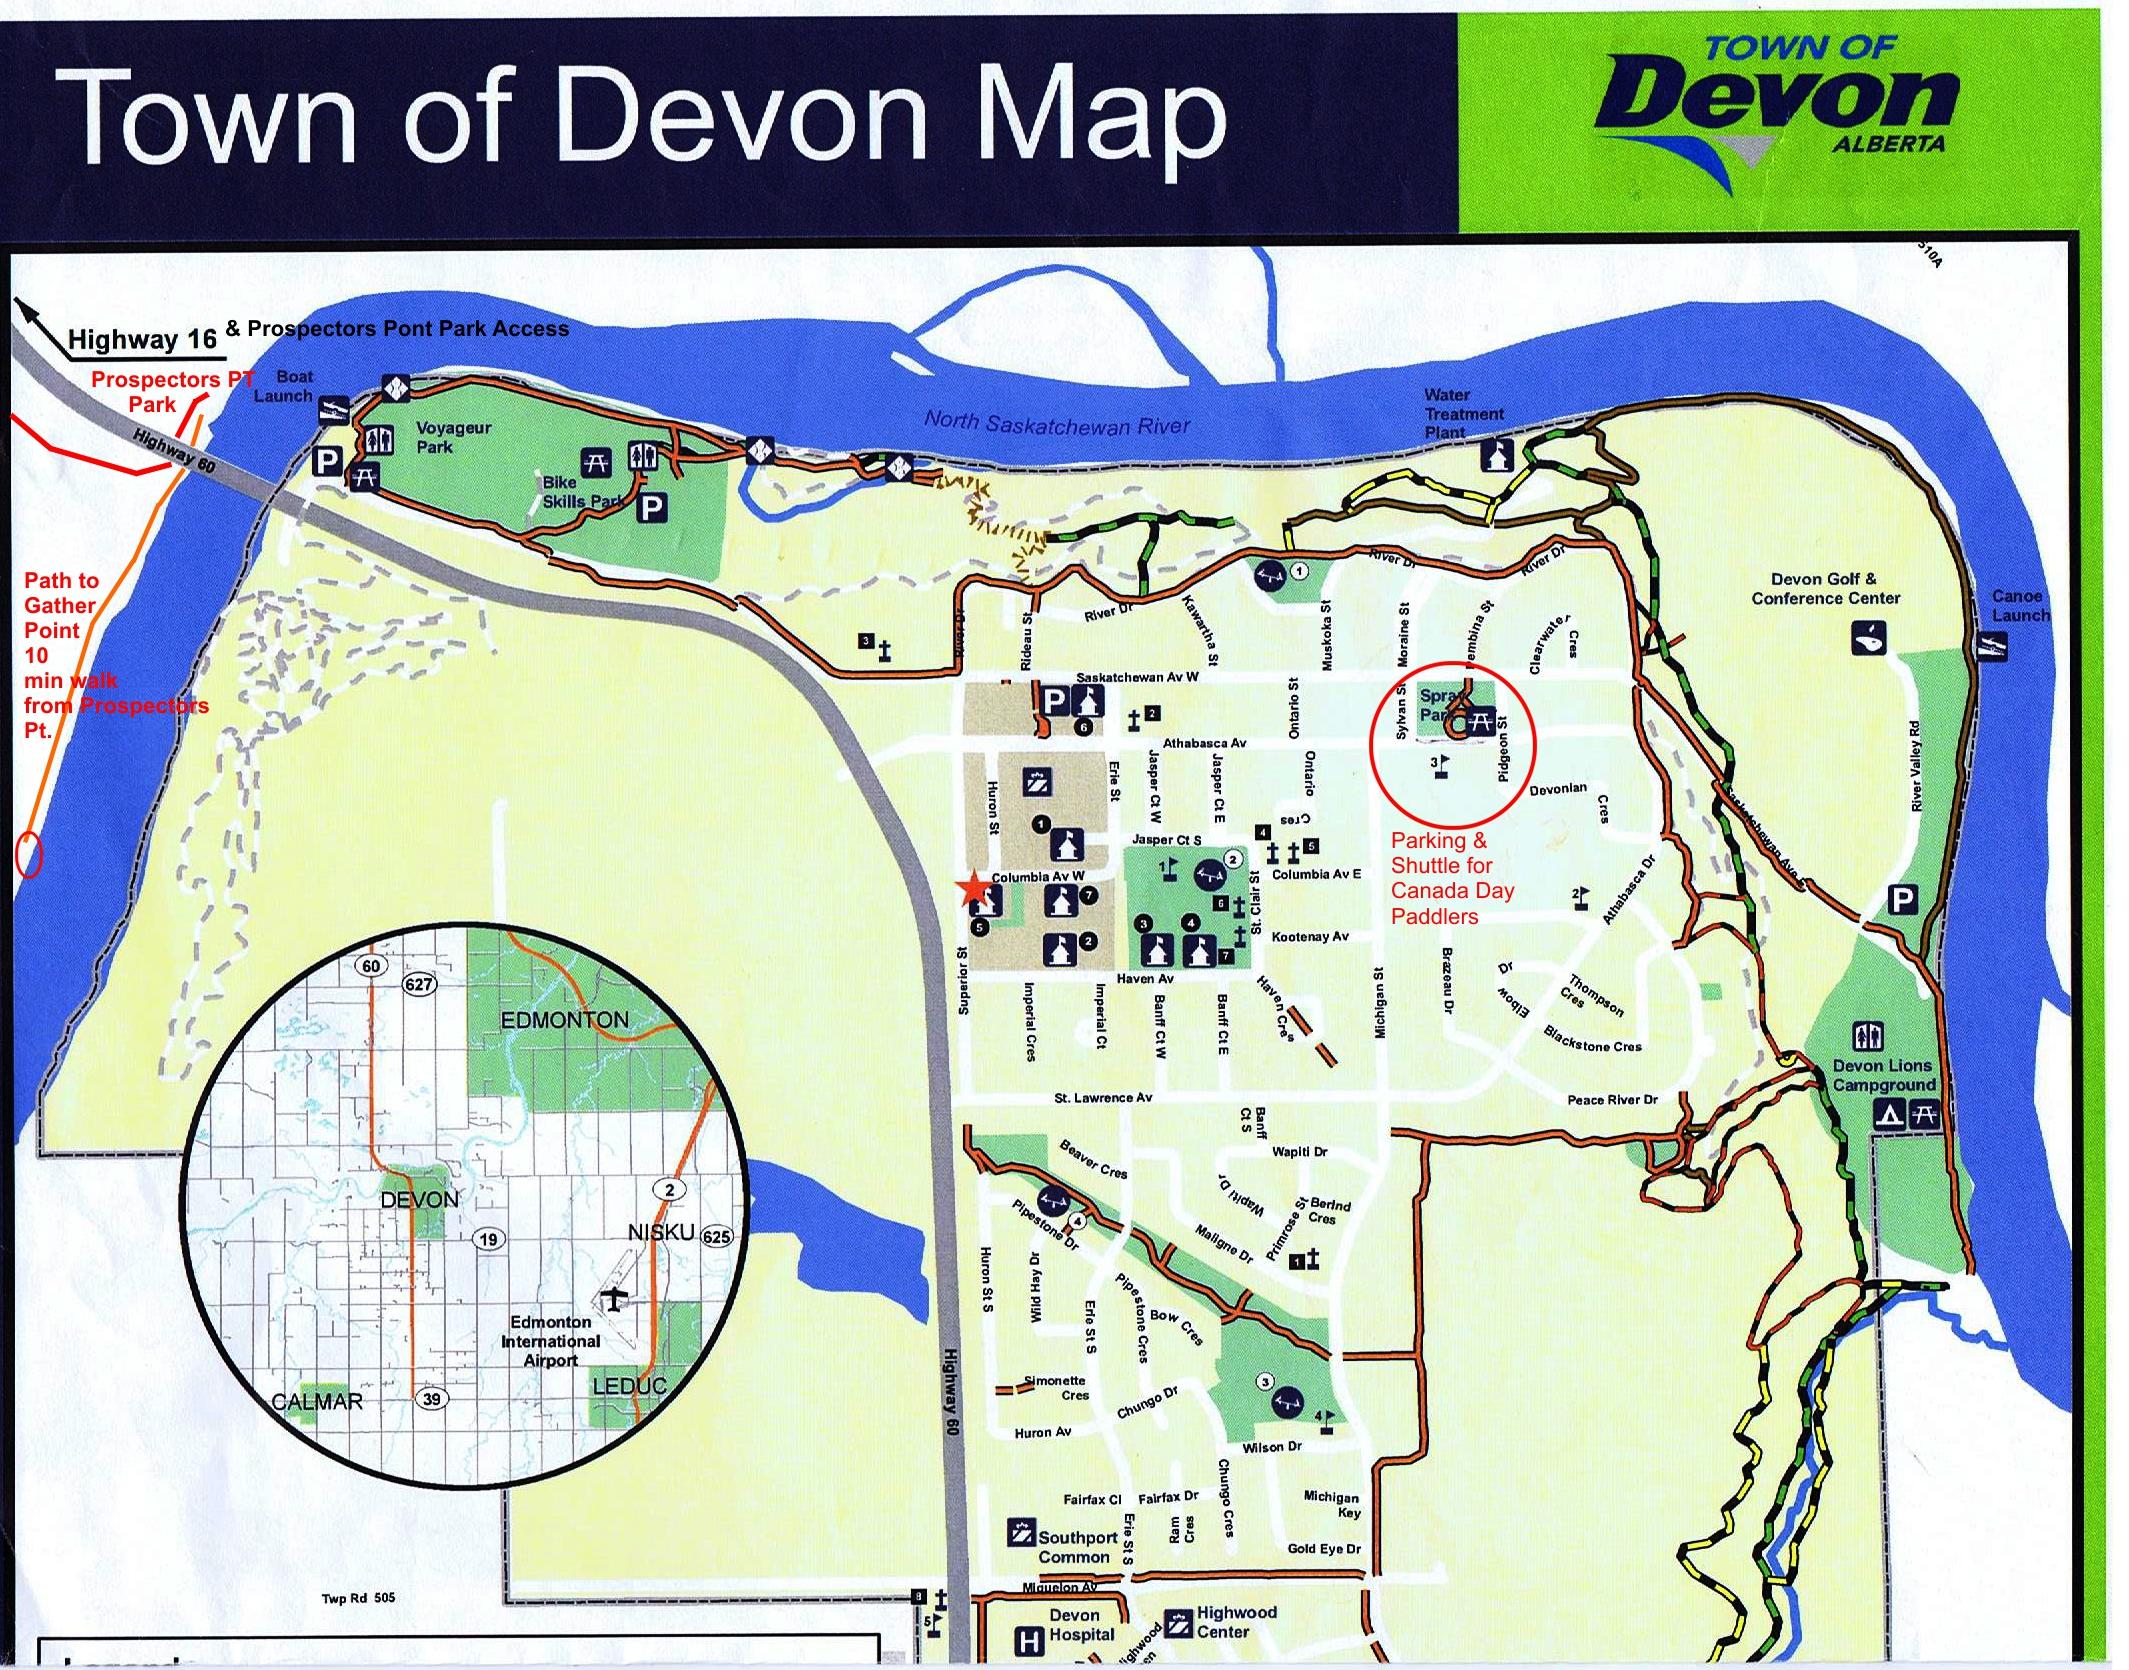 Fort edmonton canoe brigade maps site plans canadian voyageur devon town map gumiabroncs Images